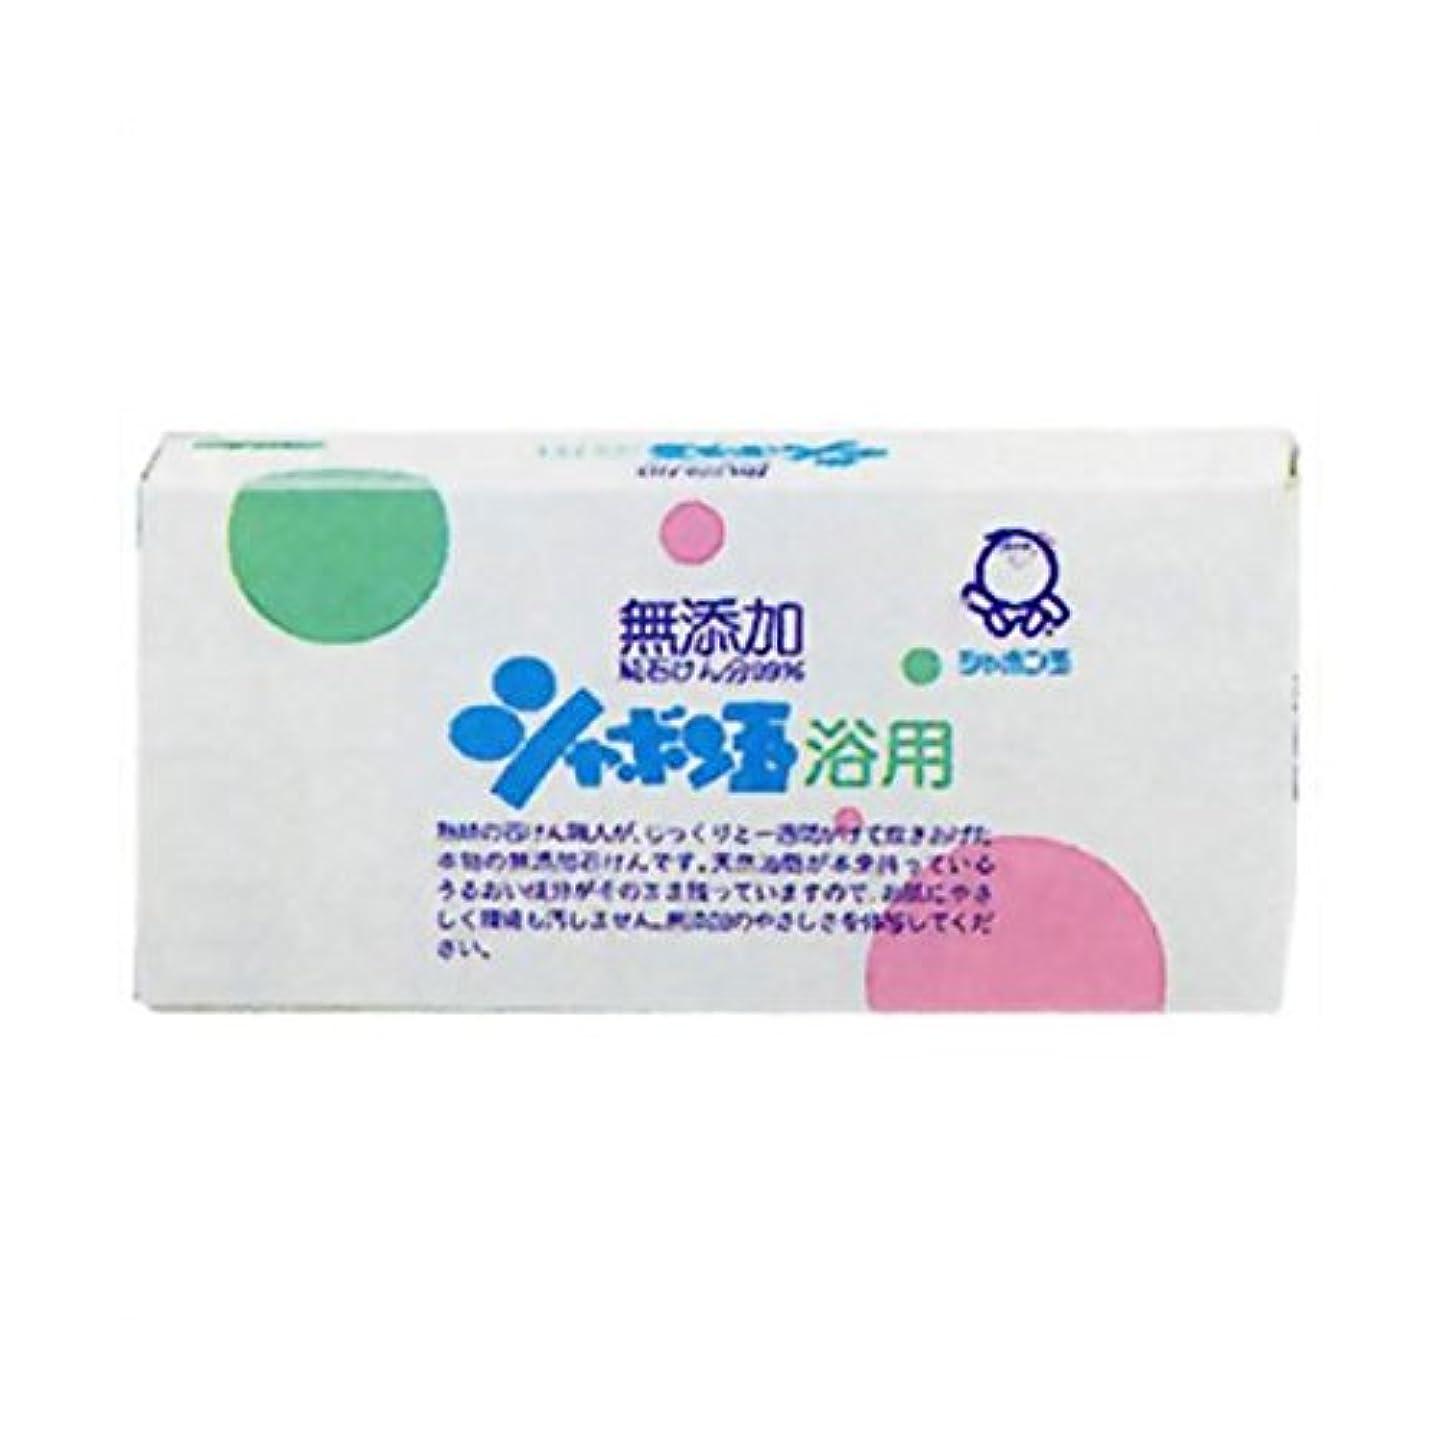 不確実古くなった祈り【お徳用 15 セット】 シャボン玉 浴用 石けん 100g×3個入(無添加石鹸)×15セット